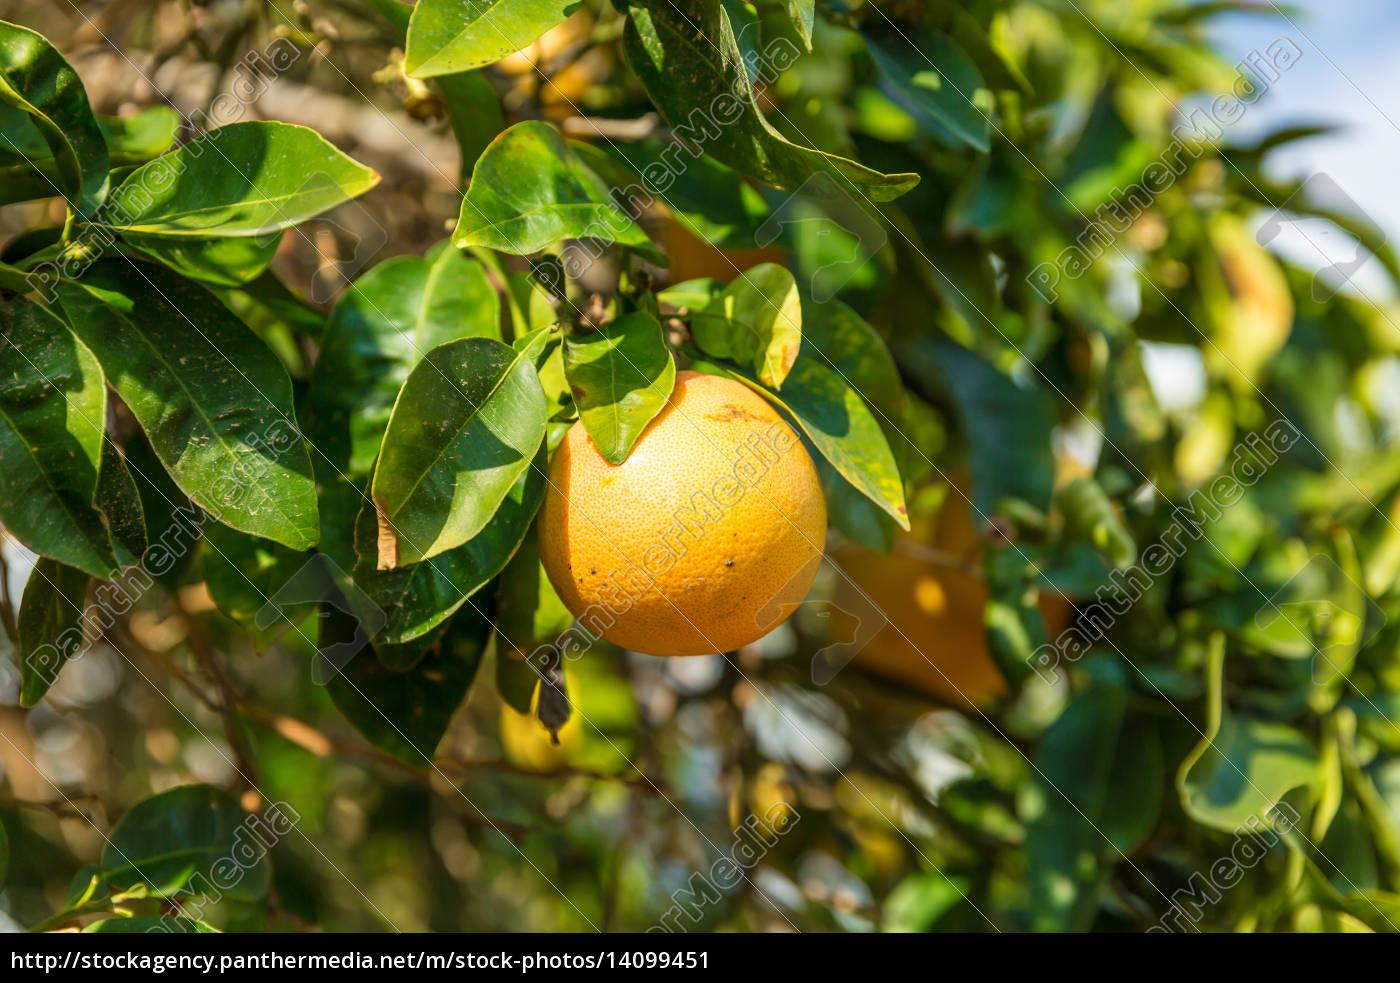 orange, tree, with, the, ripe, oranges - 14099451